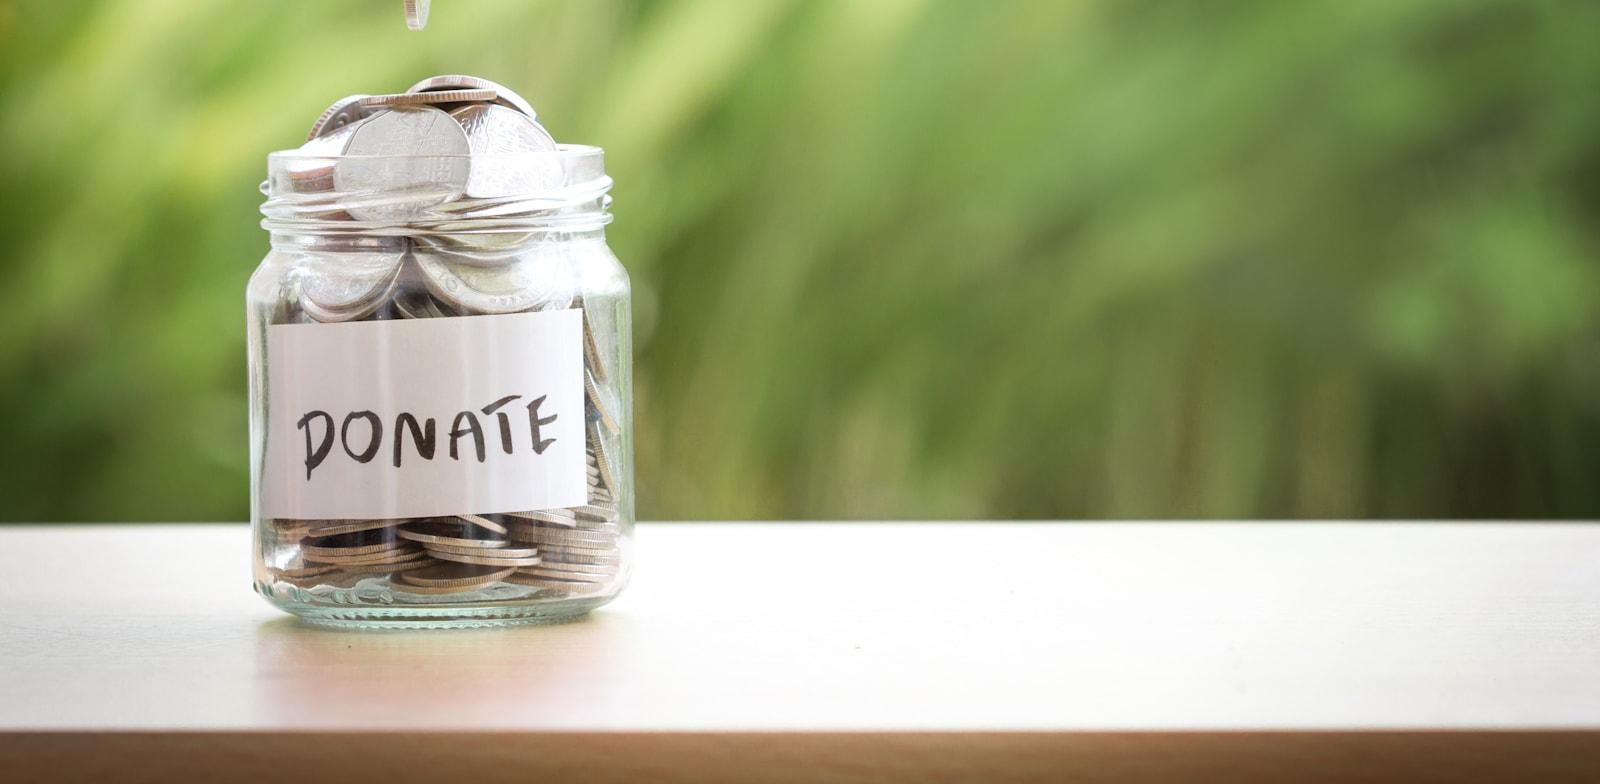 תרומות. הצורך בשליטה בגורלנו מתחזק בעיתות משבר / צילום: Shutterstock